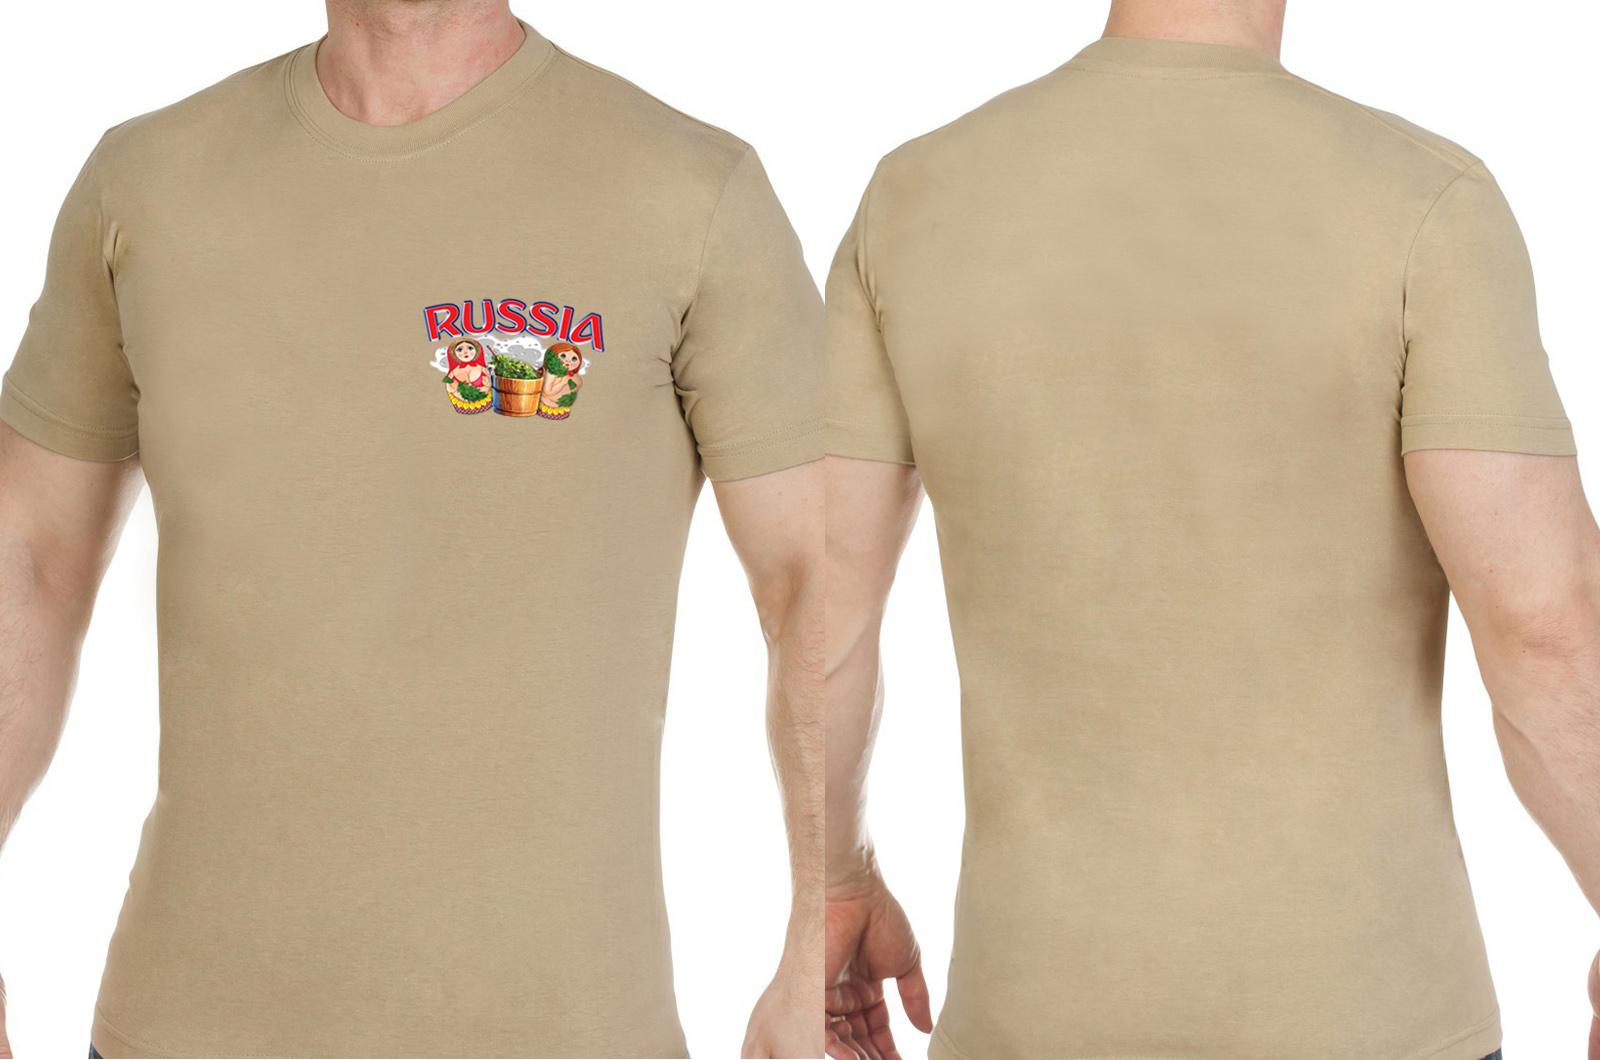 Комфортная песочная футболка Россия - заказать онлайн